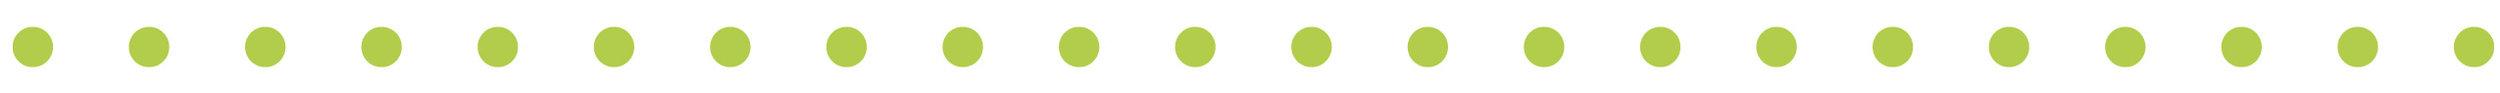 DottedLIne-green.jpg